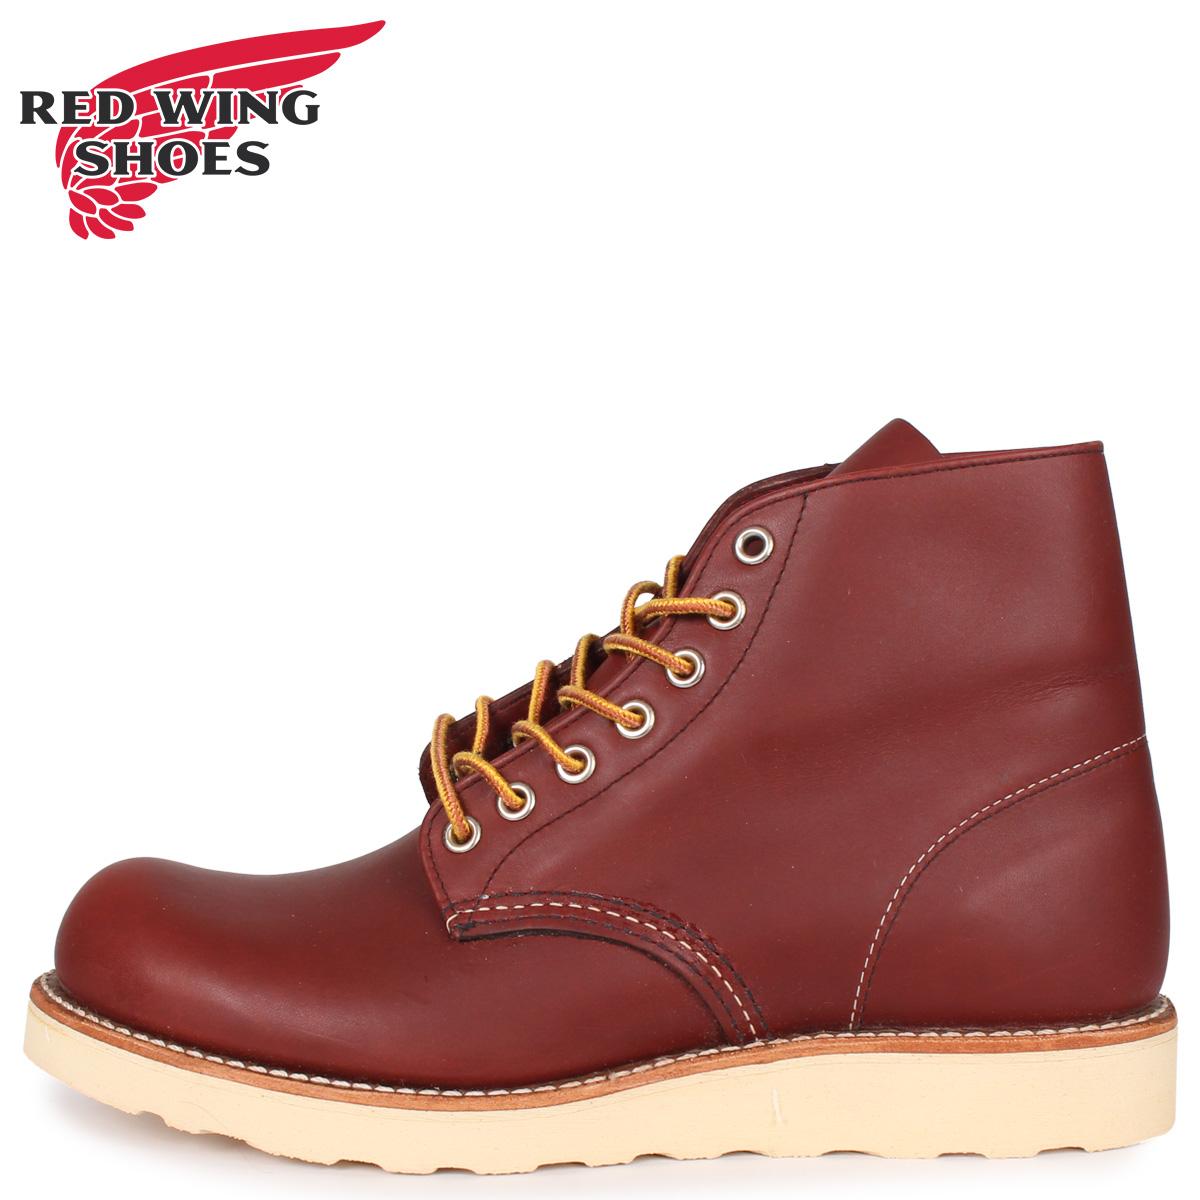 RED WING レッド 赤ウィング アイリッシュセッター ブーツ 6INCH ROUND TOE 6インチ ラウンド トゥ Dワイズ 9105 カッパー メンズ